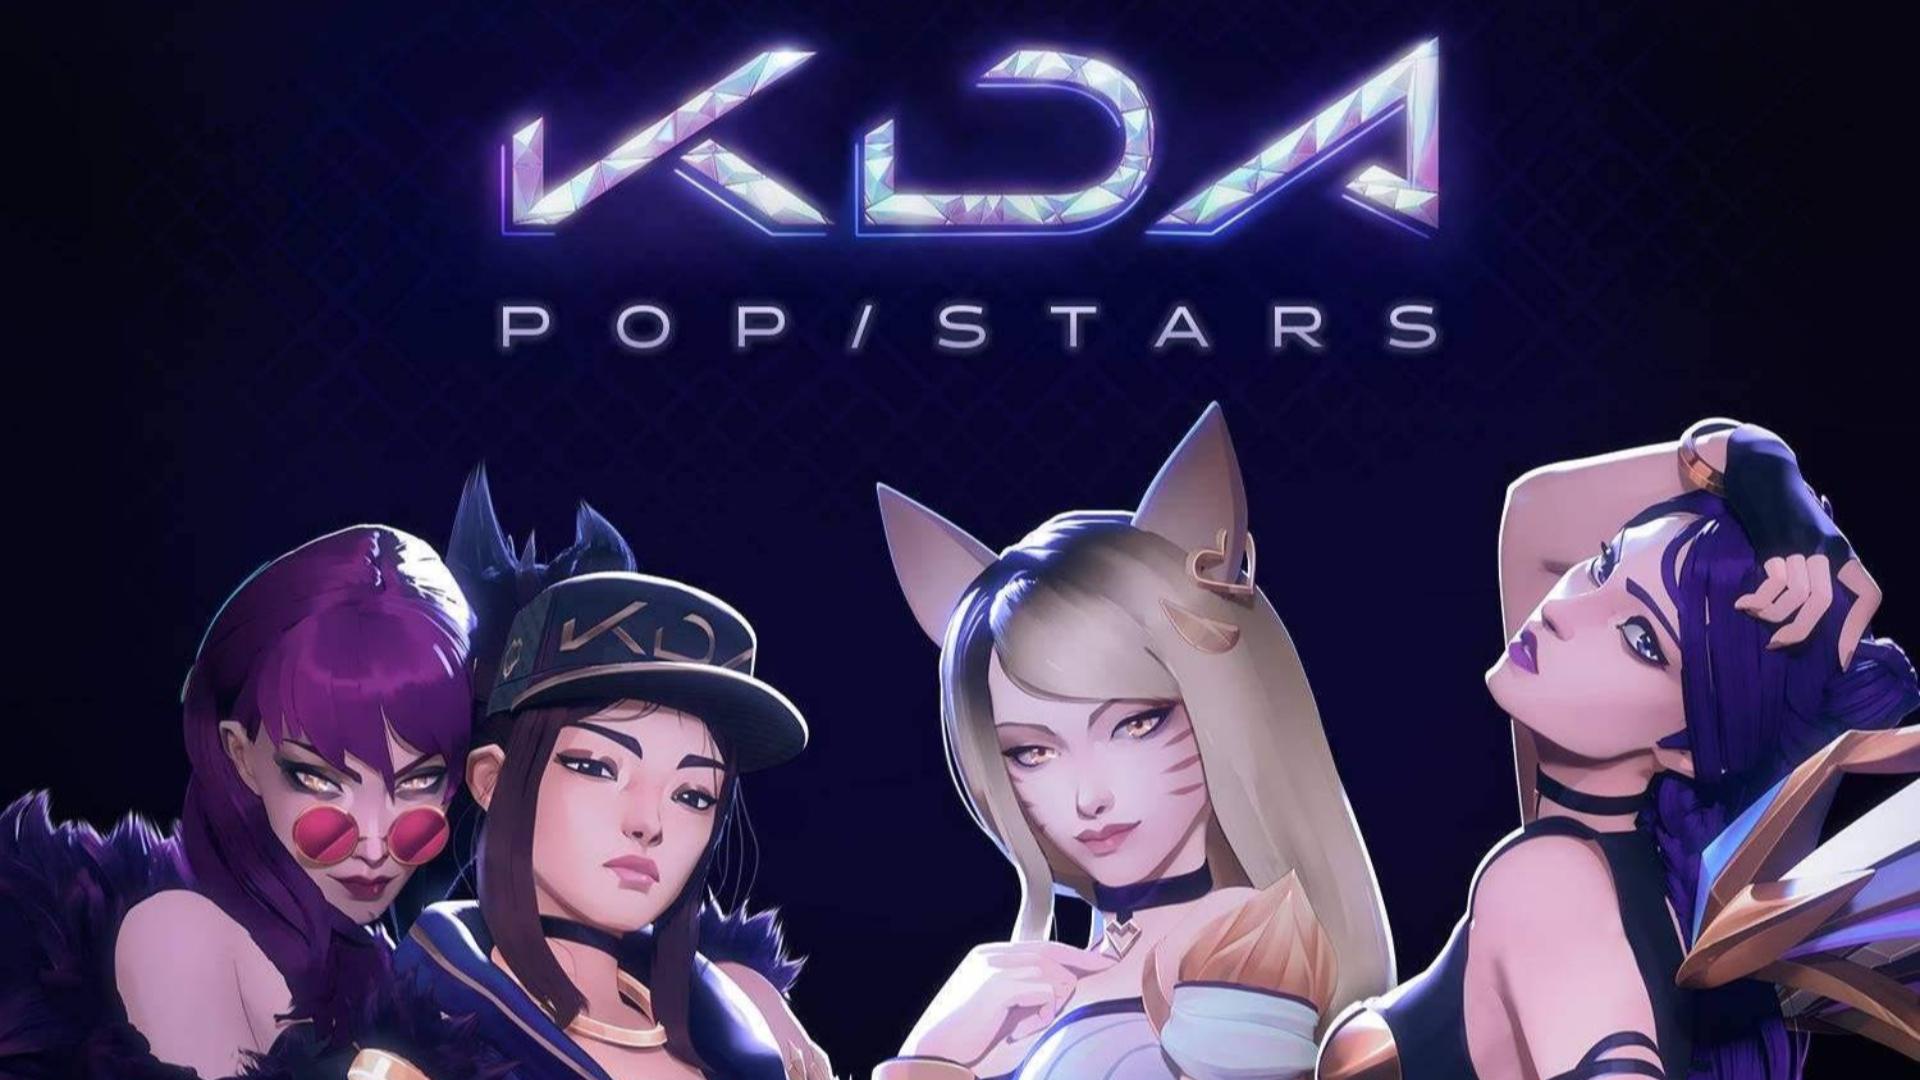 【安栗】POP/STARS